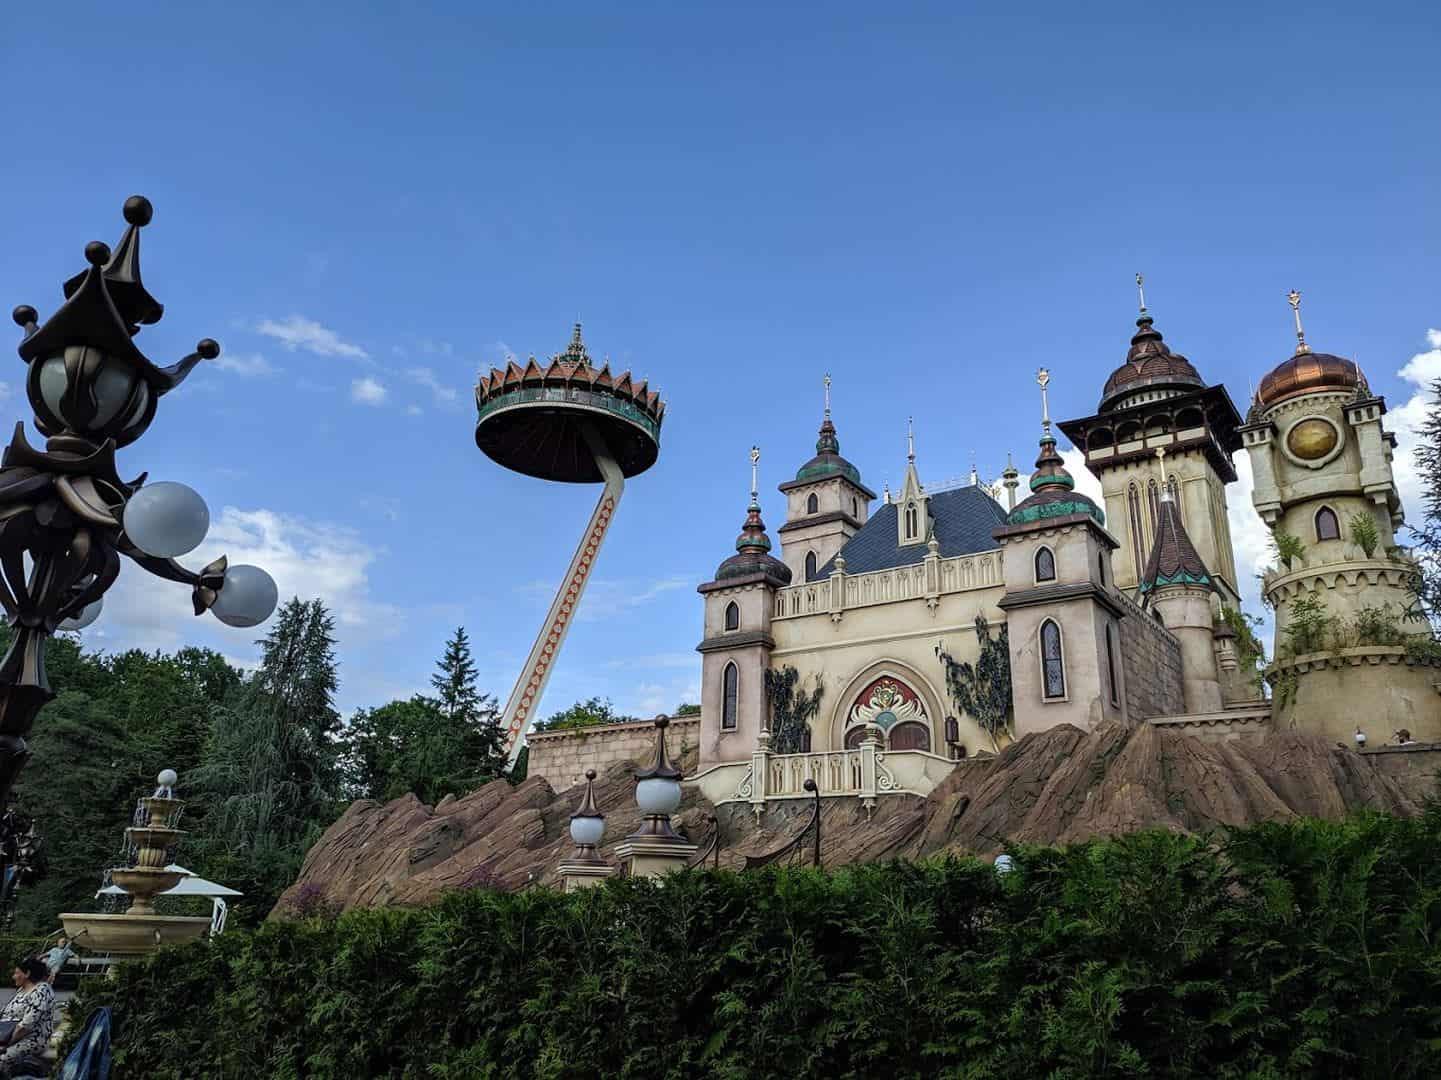 Efteling - Des décors impressionnants avec des châteaux comme dans les films